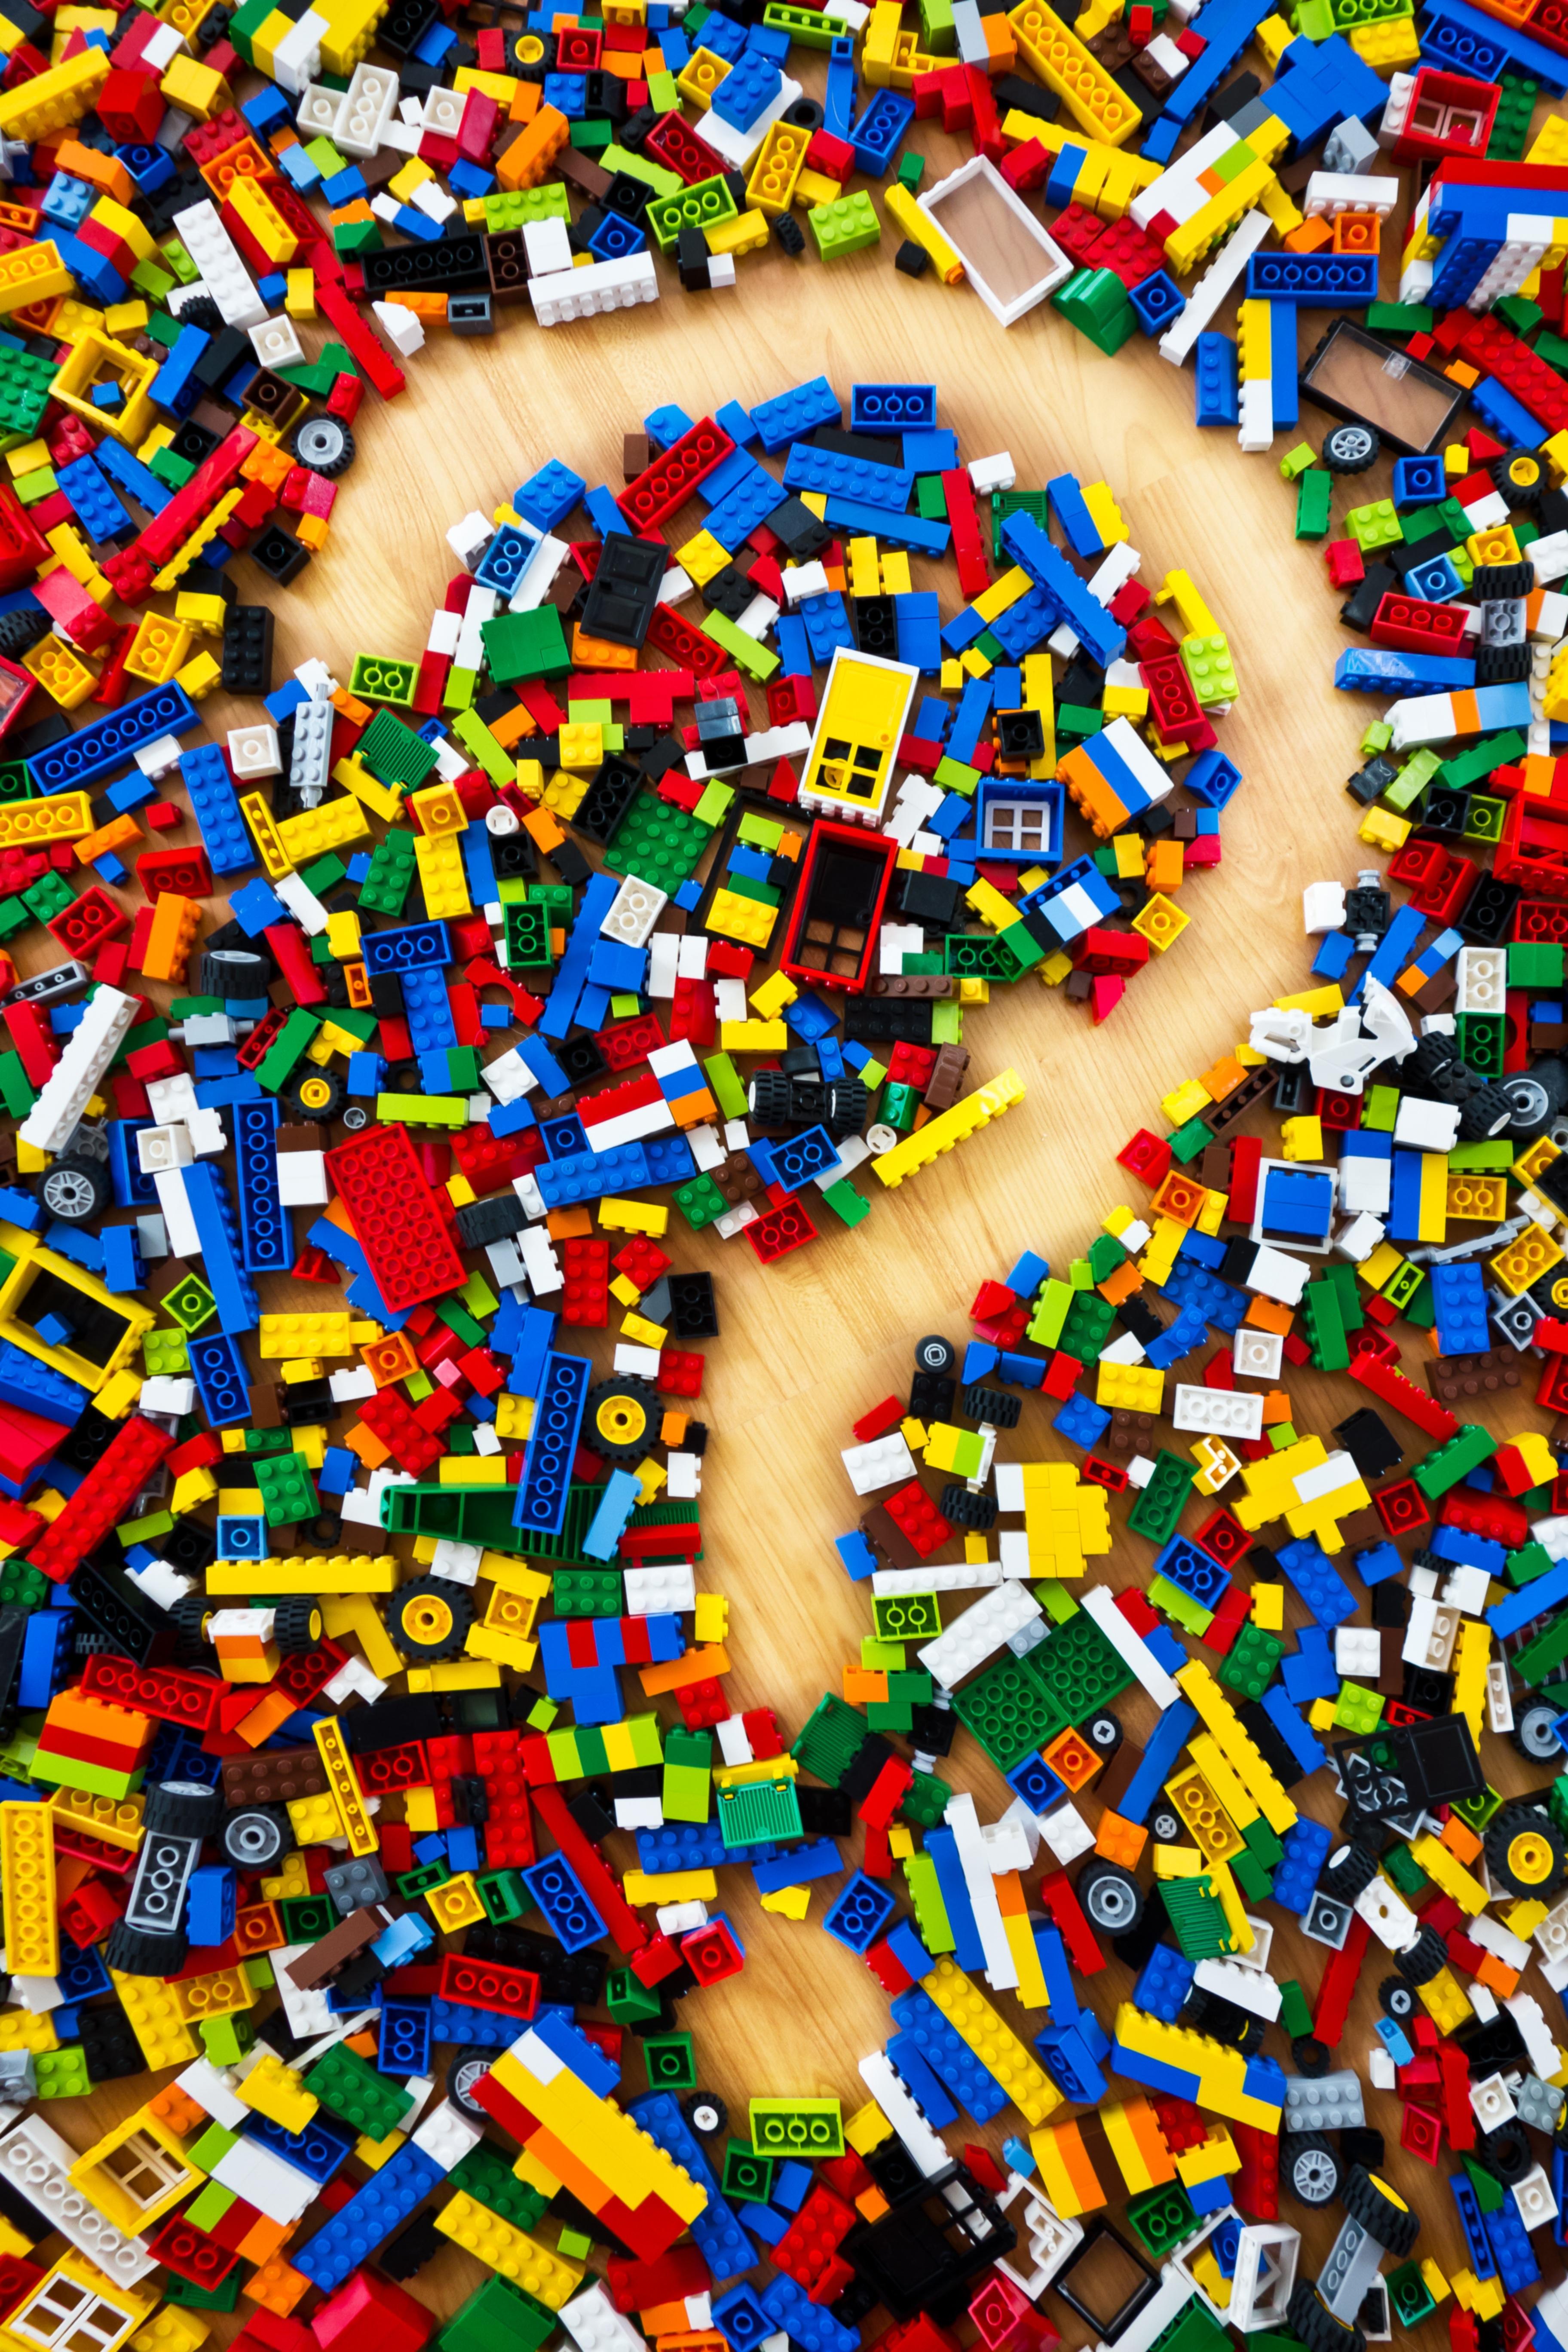 Hình Ảnh : Con Số, Mẫu, Món Ăn, Đồ Tráng Miệng, Đồ Chơi, Vòng Tròn, Nghệ  Thuật, Thiết Kế, Lego, Rắc, Khéo Léo, Khối Lego, Khu Nhà, Dấu Chấm Hỏi, ...